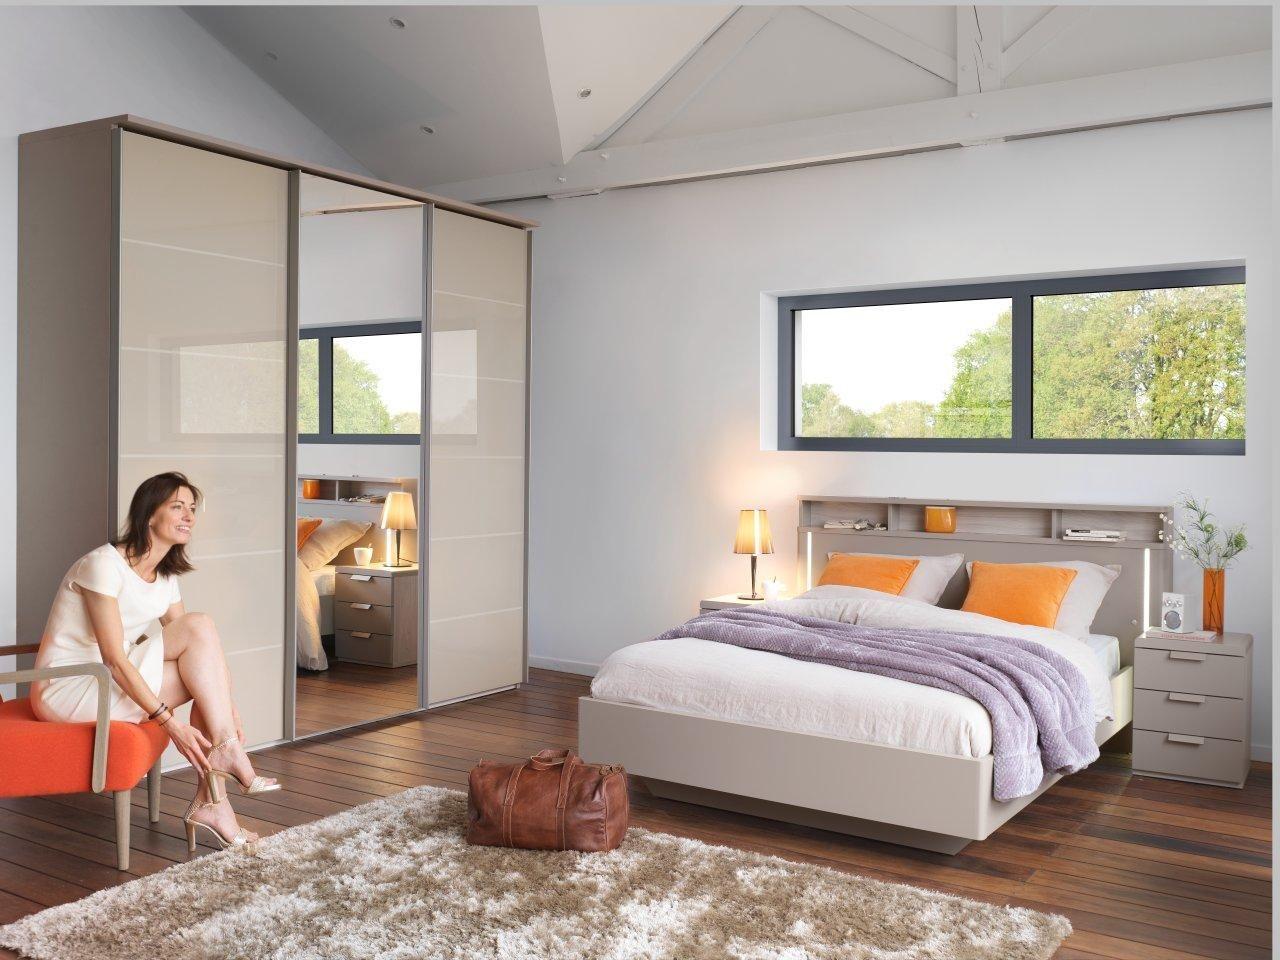 Armoire Portes Coulissantes Loft Mobilier De Salon Meuble Celio Armoire Porte Coulissante